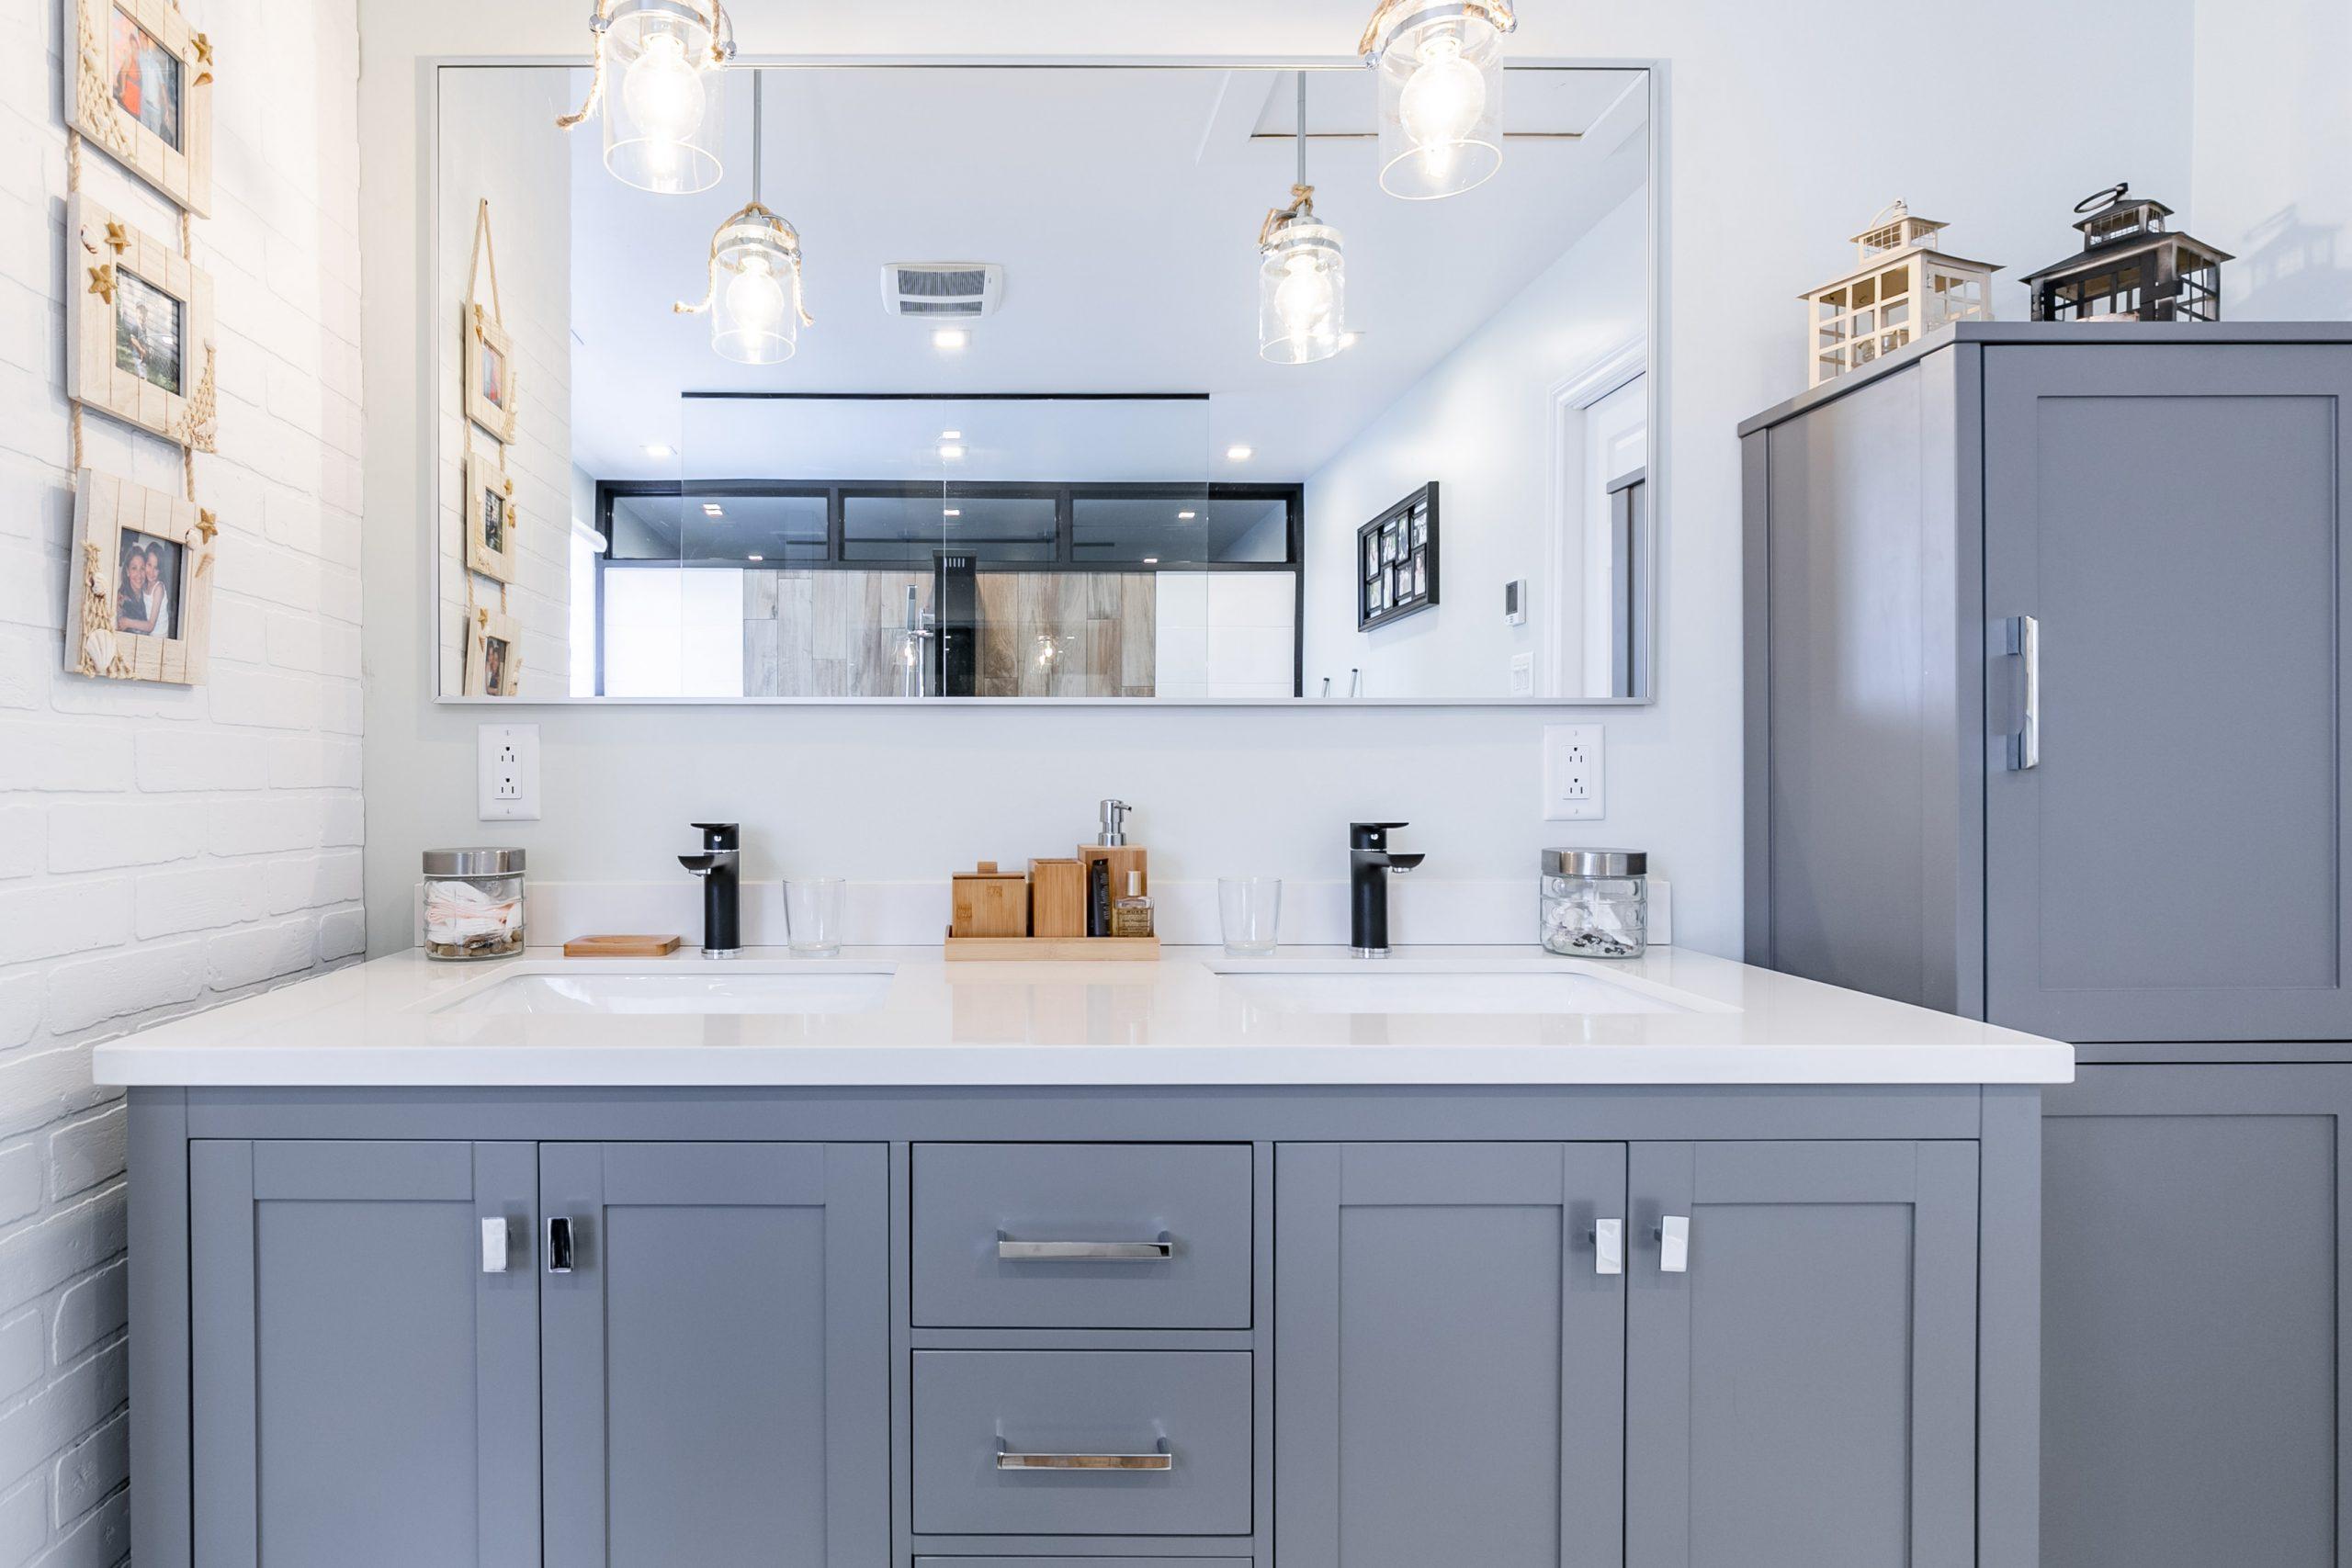 Double vasque sur meuble au design classique